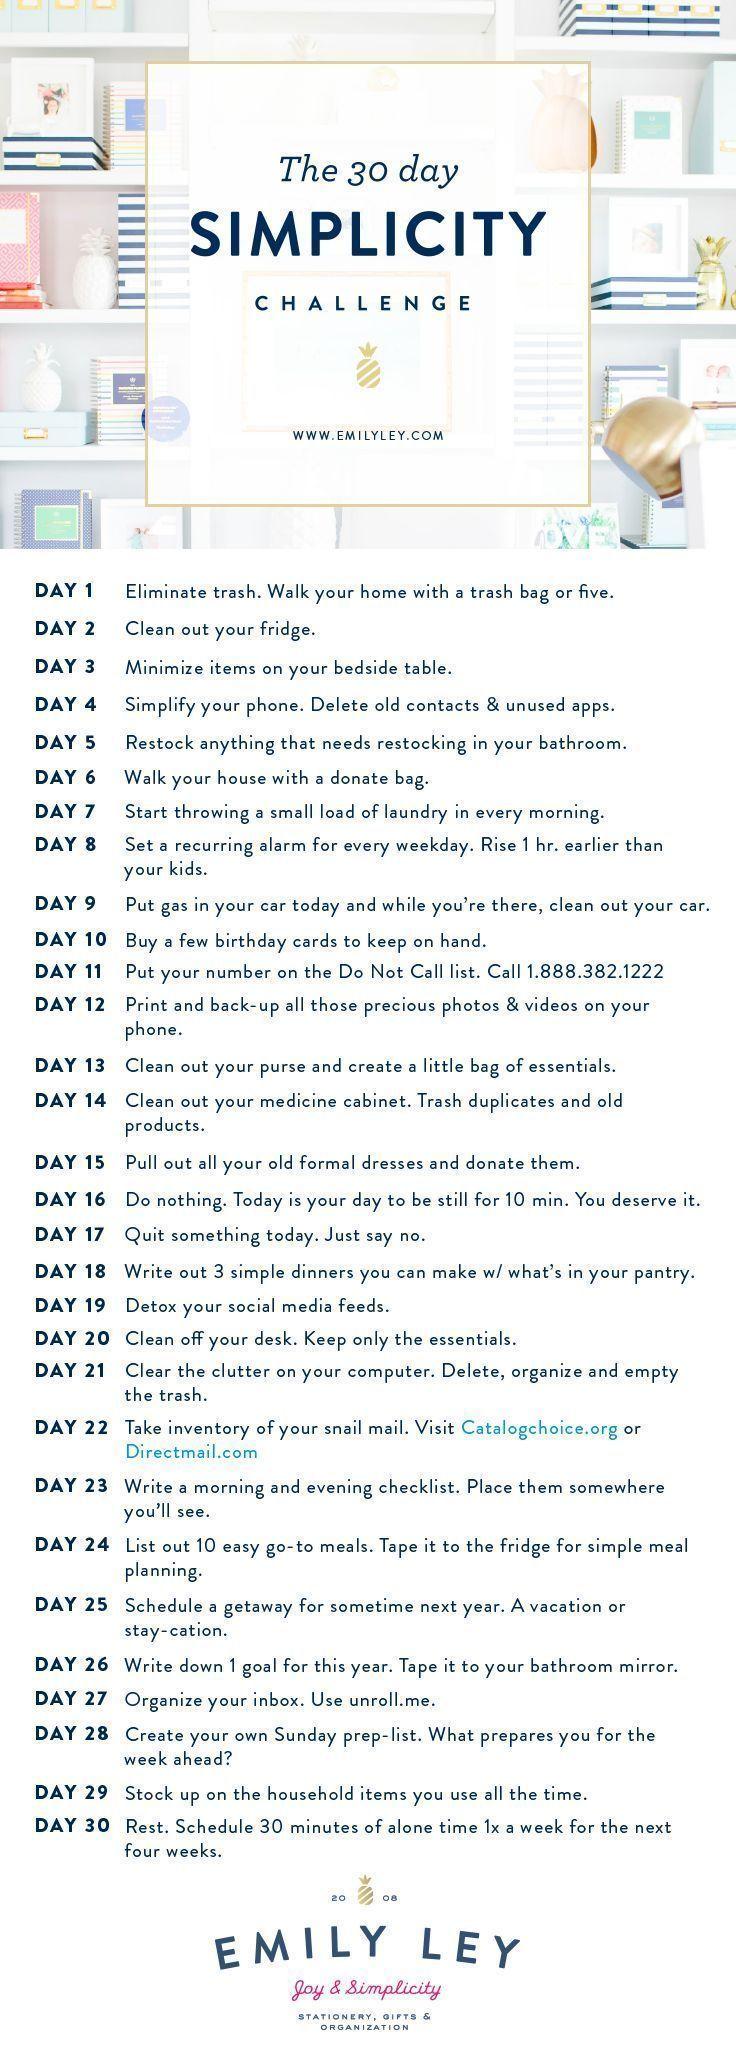 30 Tage zu einem einfachen, freudigen Leben. Nimm die Herausforderung heute an! ... - fashion beauty #fitnesschallenges